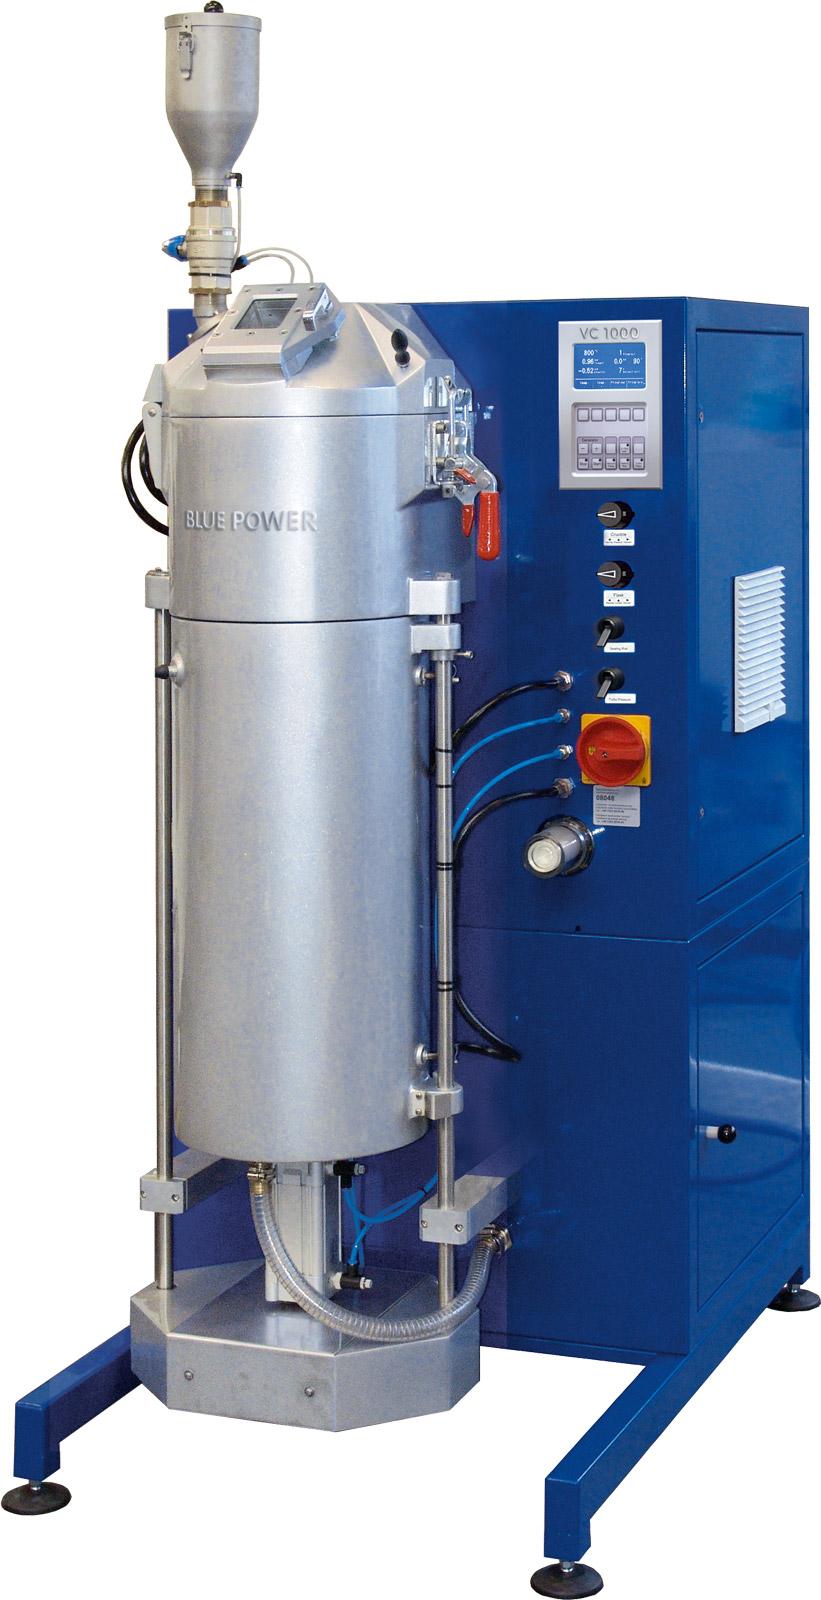 Blue Power VC 1000 V Vakuum-Druck-Gießanlage